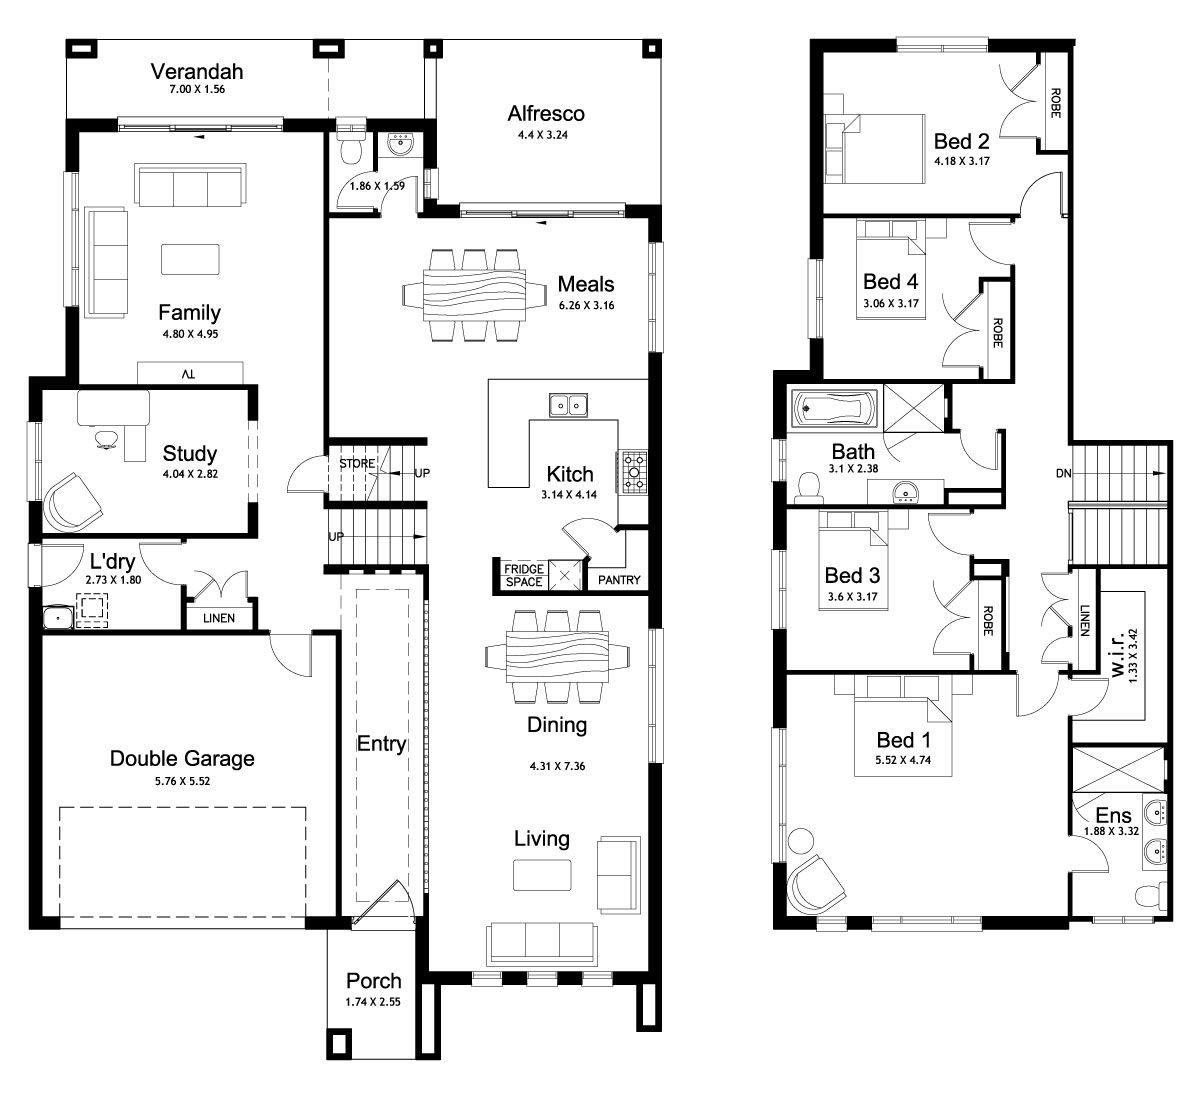 Garage Under Split Level Plan 69133am: Floorplan By Kurmond Homes